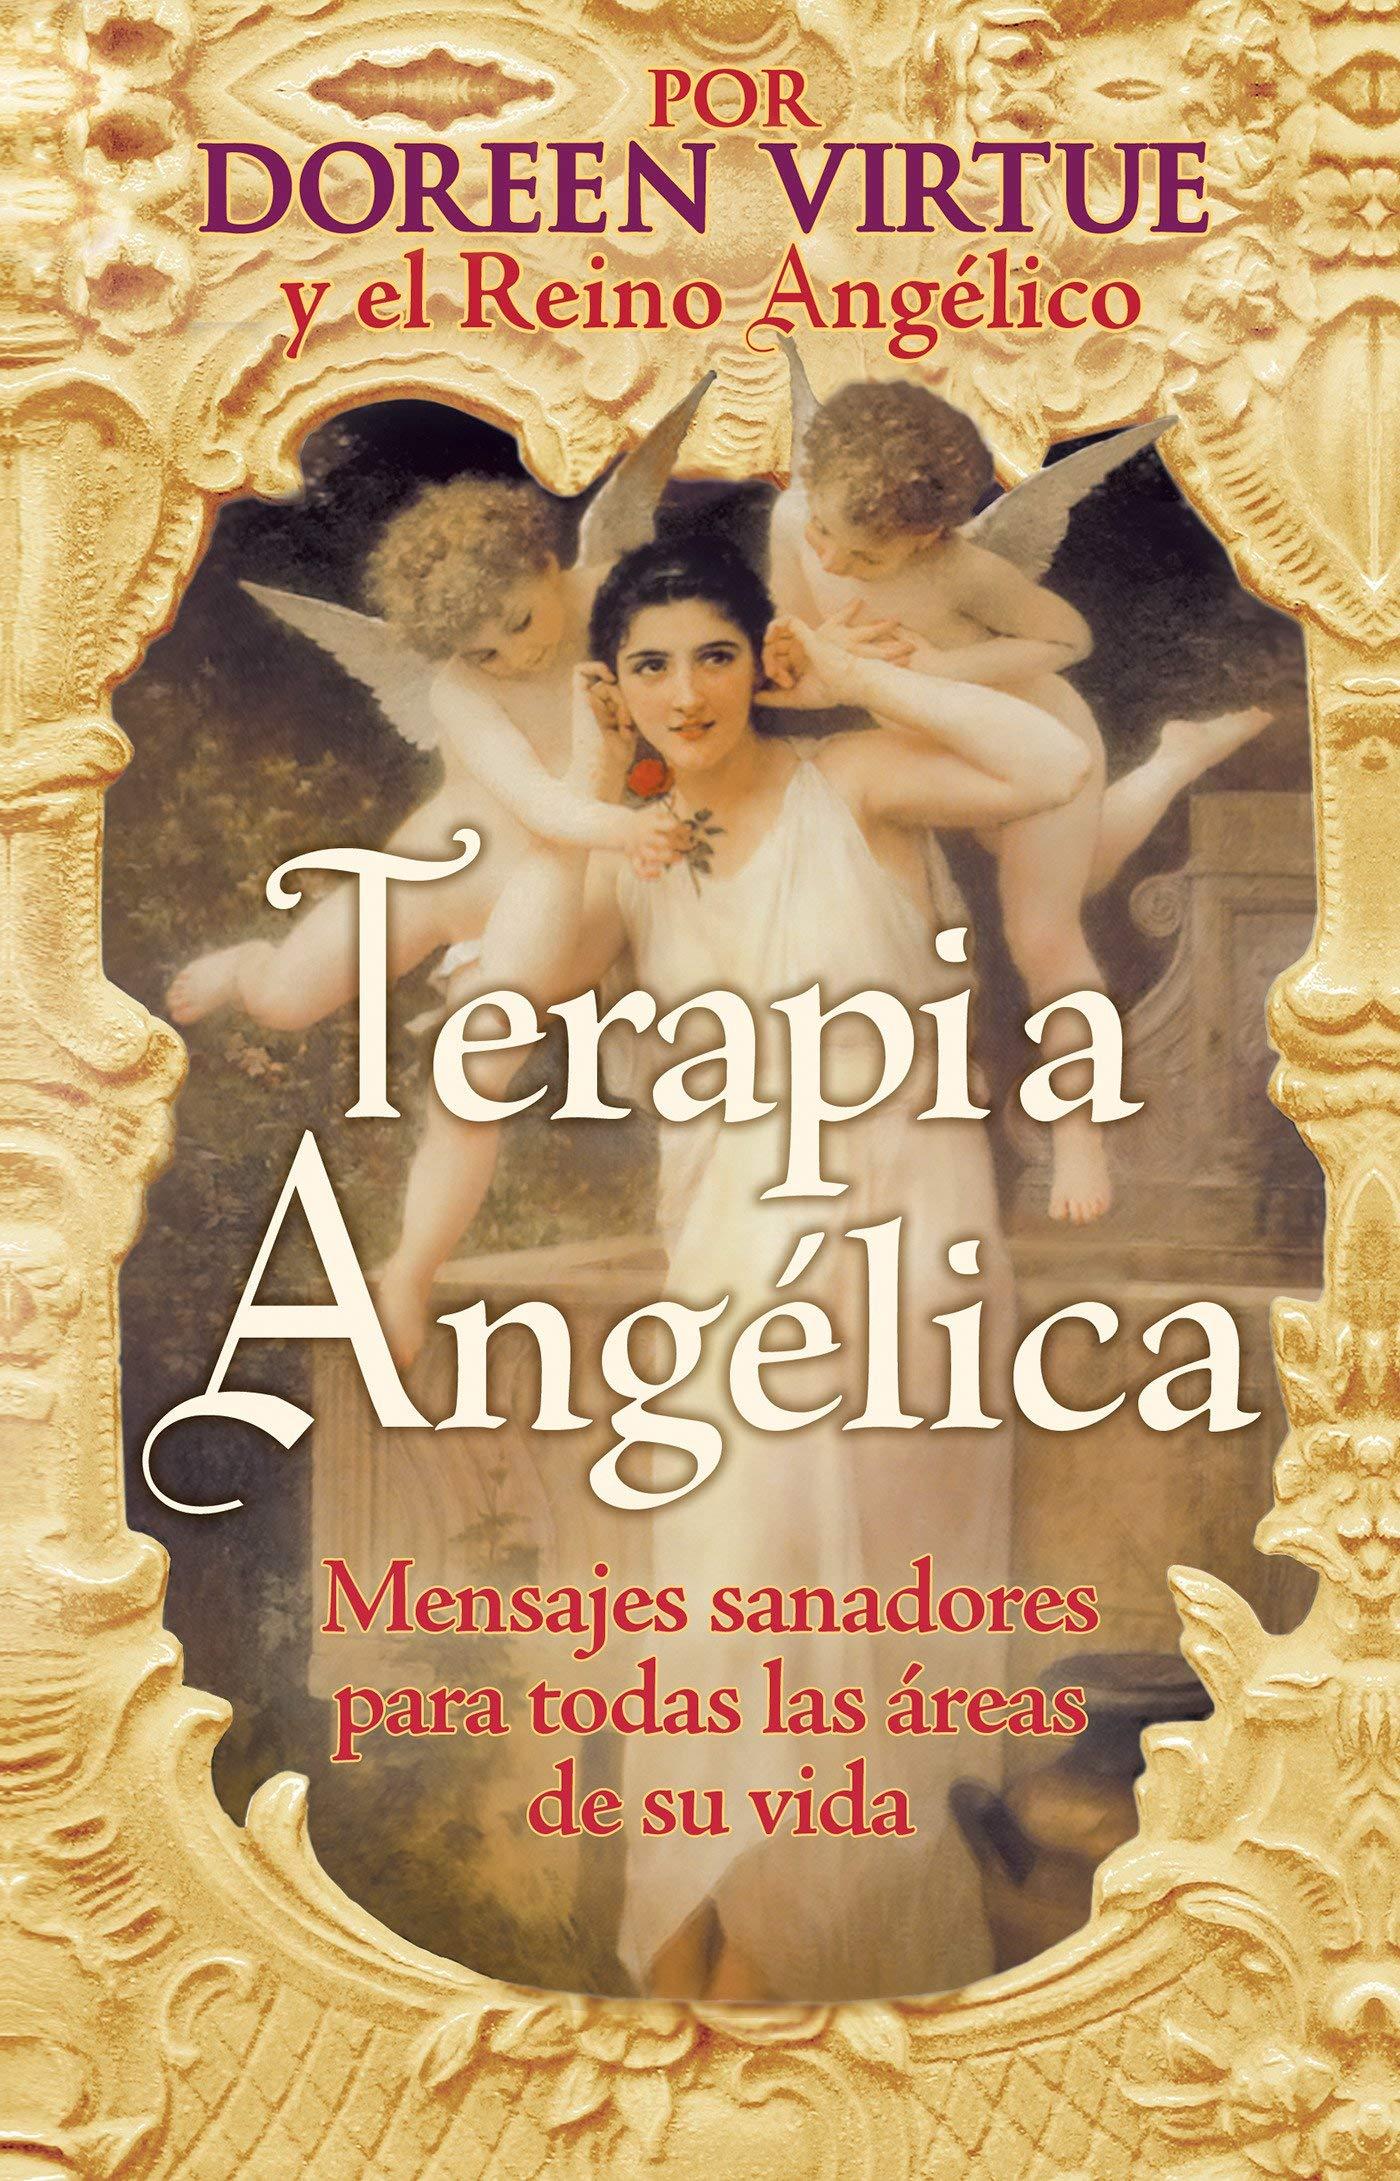 Terapia Ángelica: Mensajes para sanar todas las areas de su ...